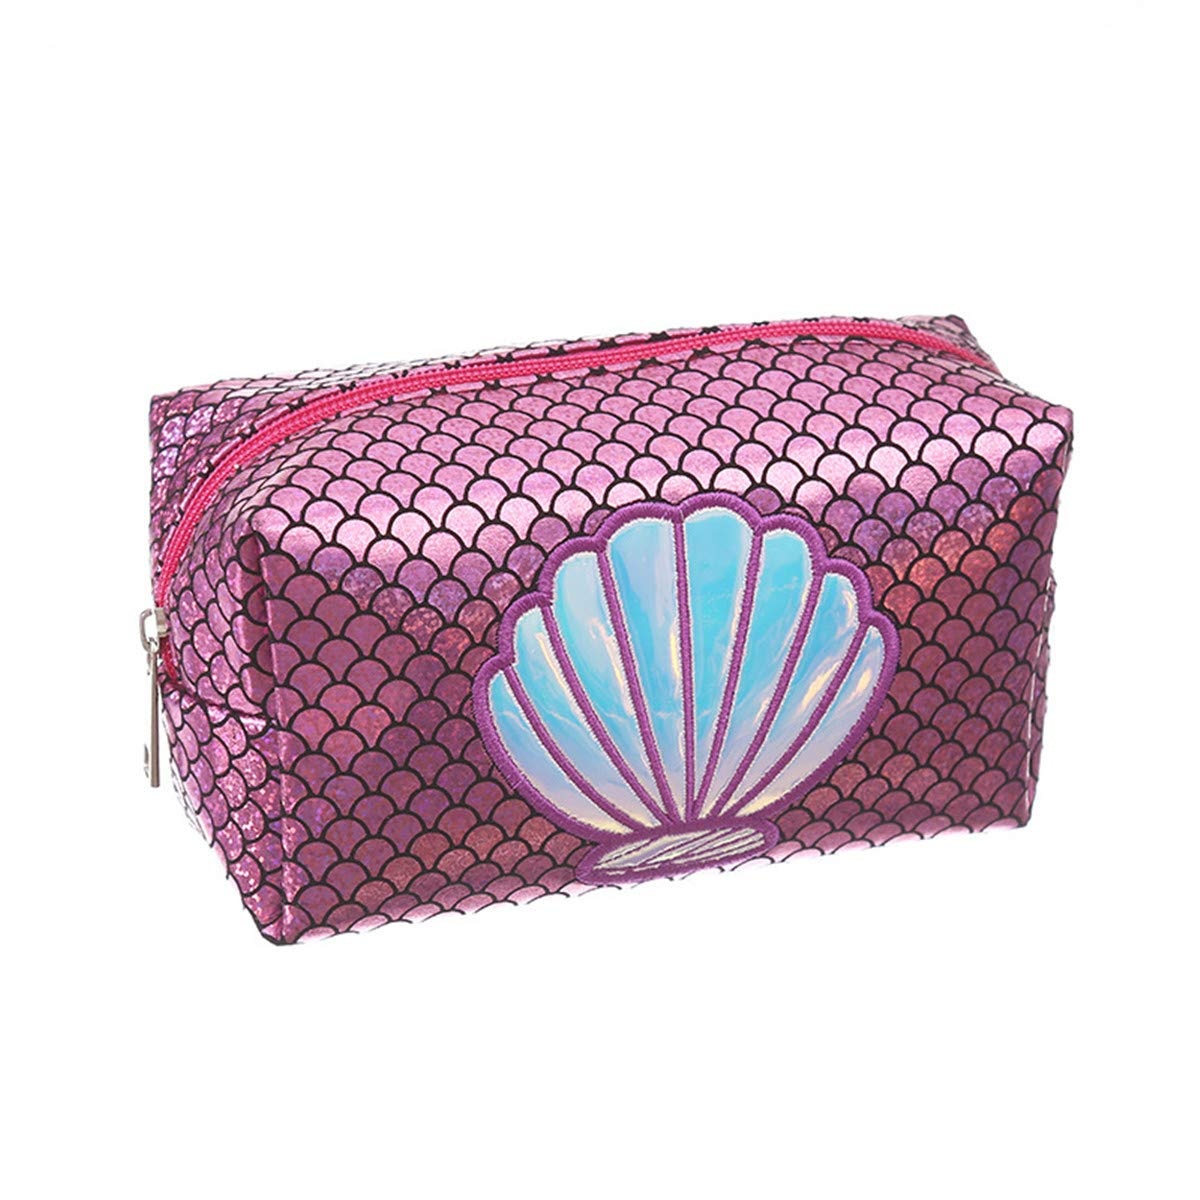 Fish Tail Organizador port/átil Bolsa de Almacenamiento Bolsas Caja WINTER DONG Acuarela Rainbow Mermaid Scales Bolsa de Maquillaje Art/ículos de tocador Bolsa de Viaje Estuche para Mujeres